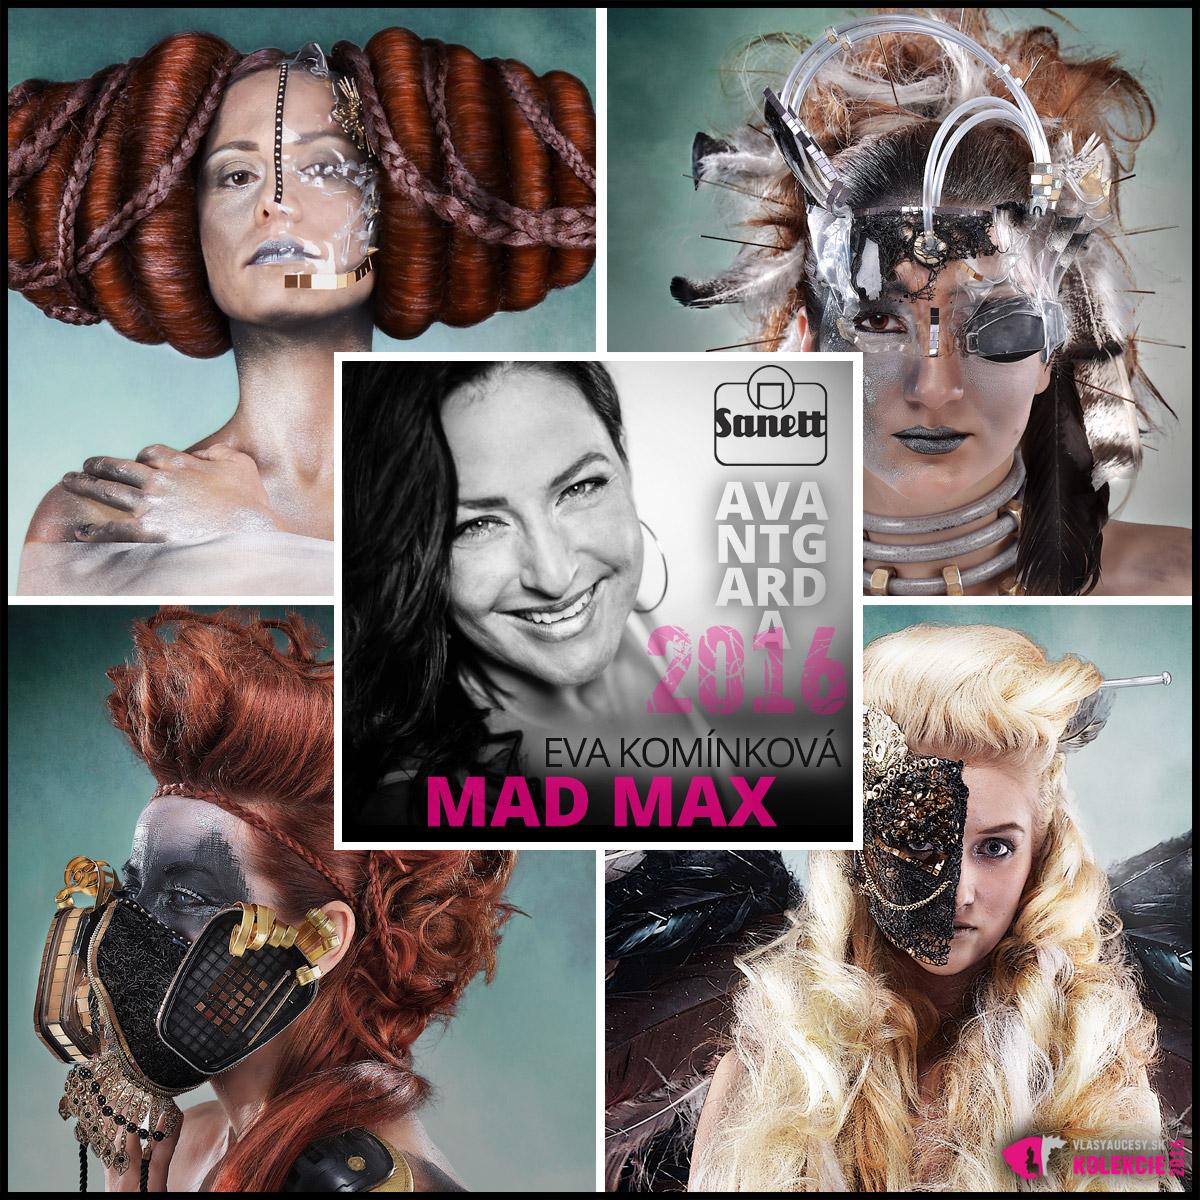 Keď sa sci-fi film premietne do fantasie schopnej hairstylistky, vznikne úžasná avantgardná kolekcia účesov. Pozrite sa, ako ju vidí Eva Komínková.